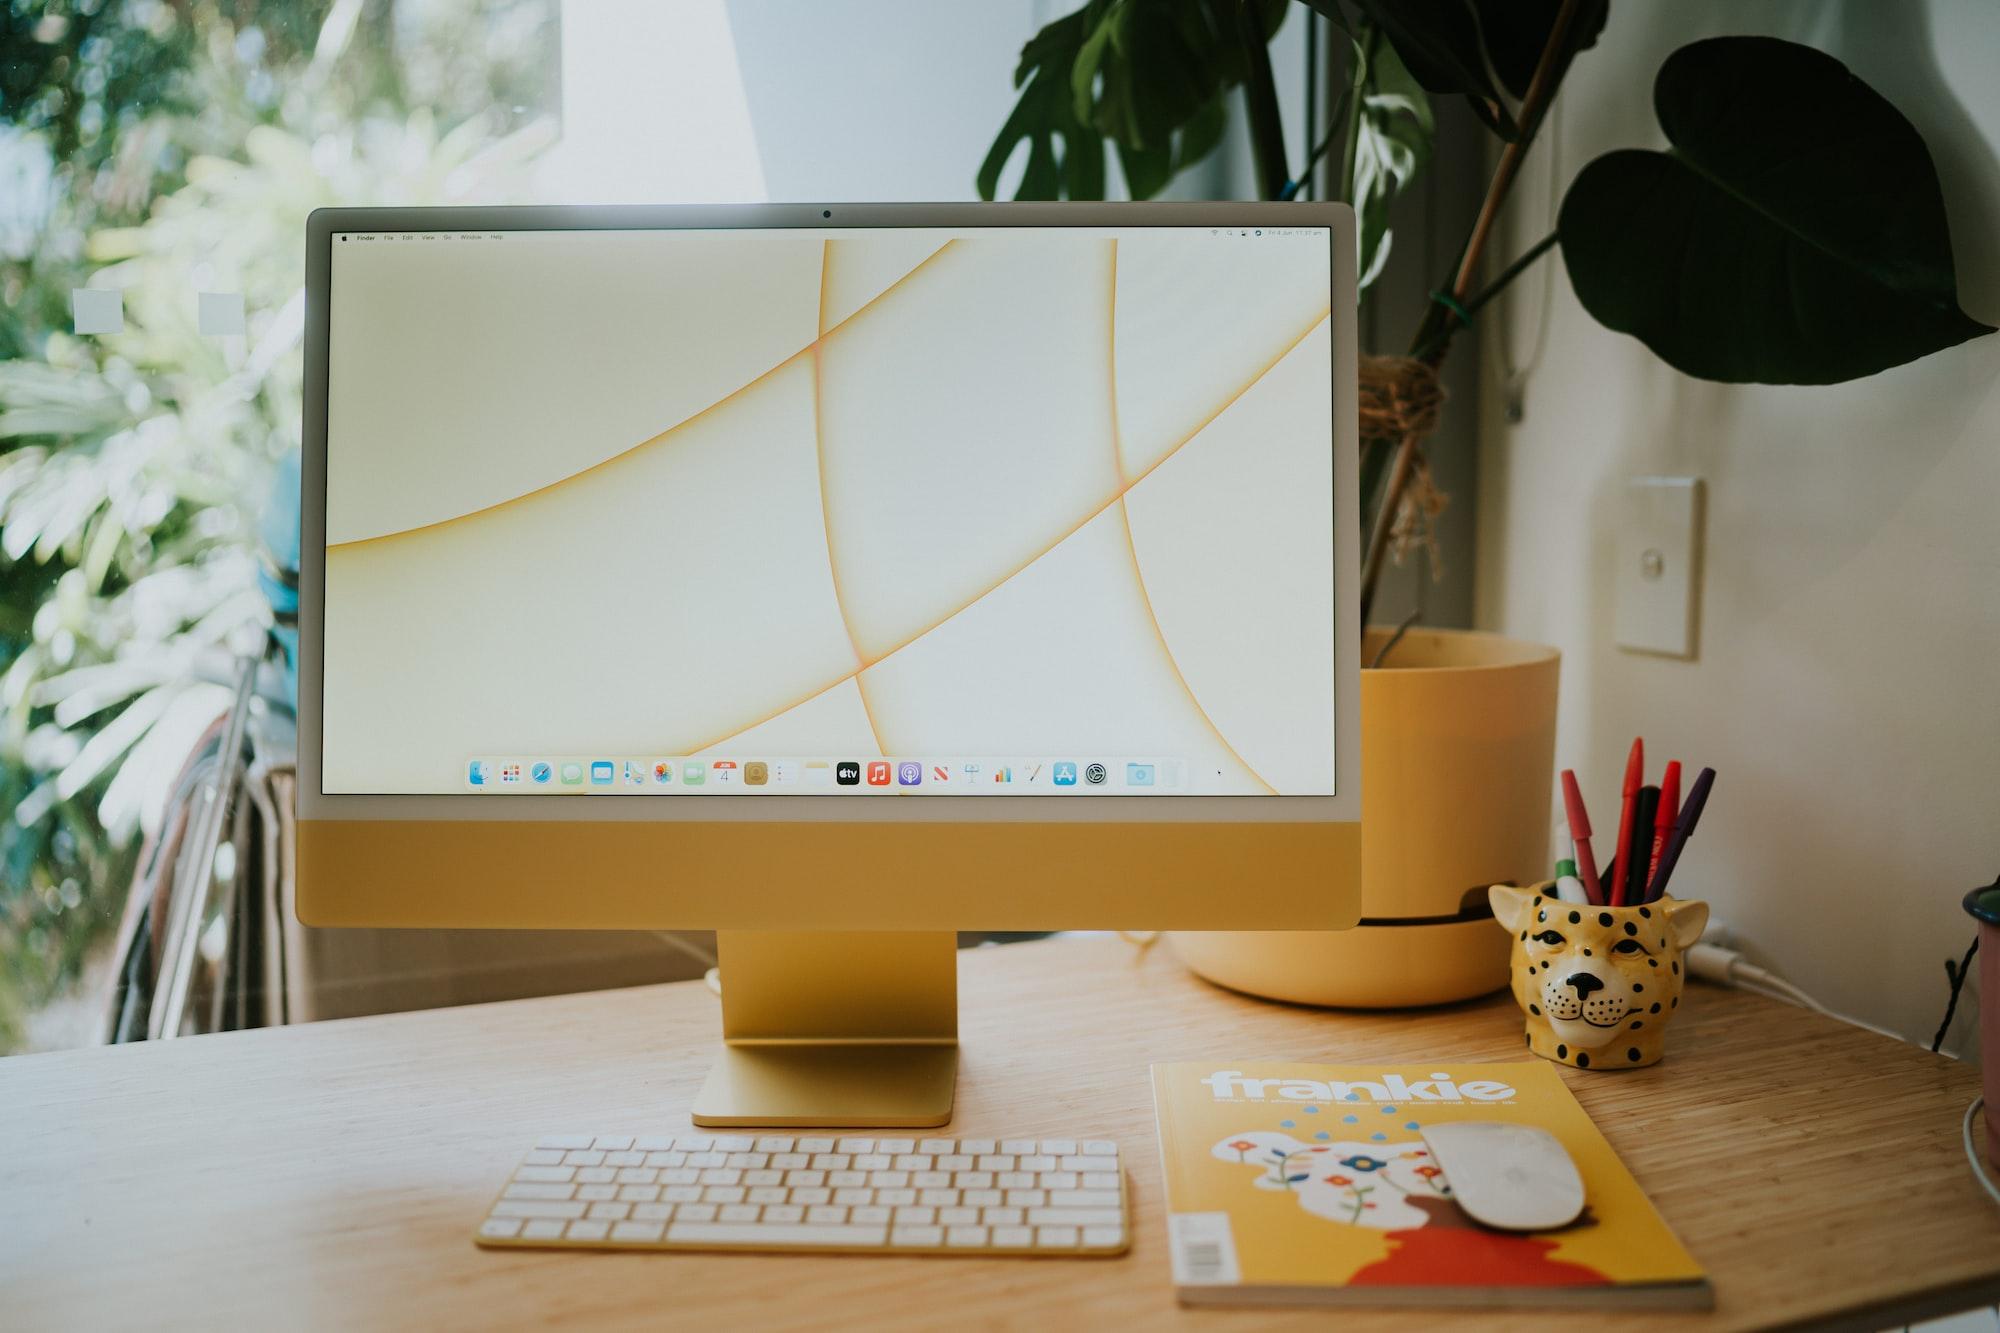 Organizando seus aplicativos no Mac com Overflow 3